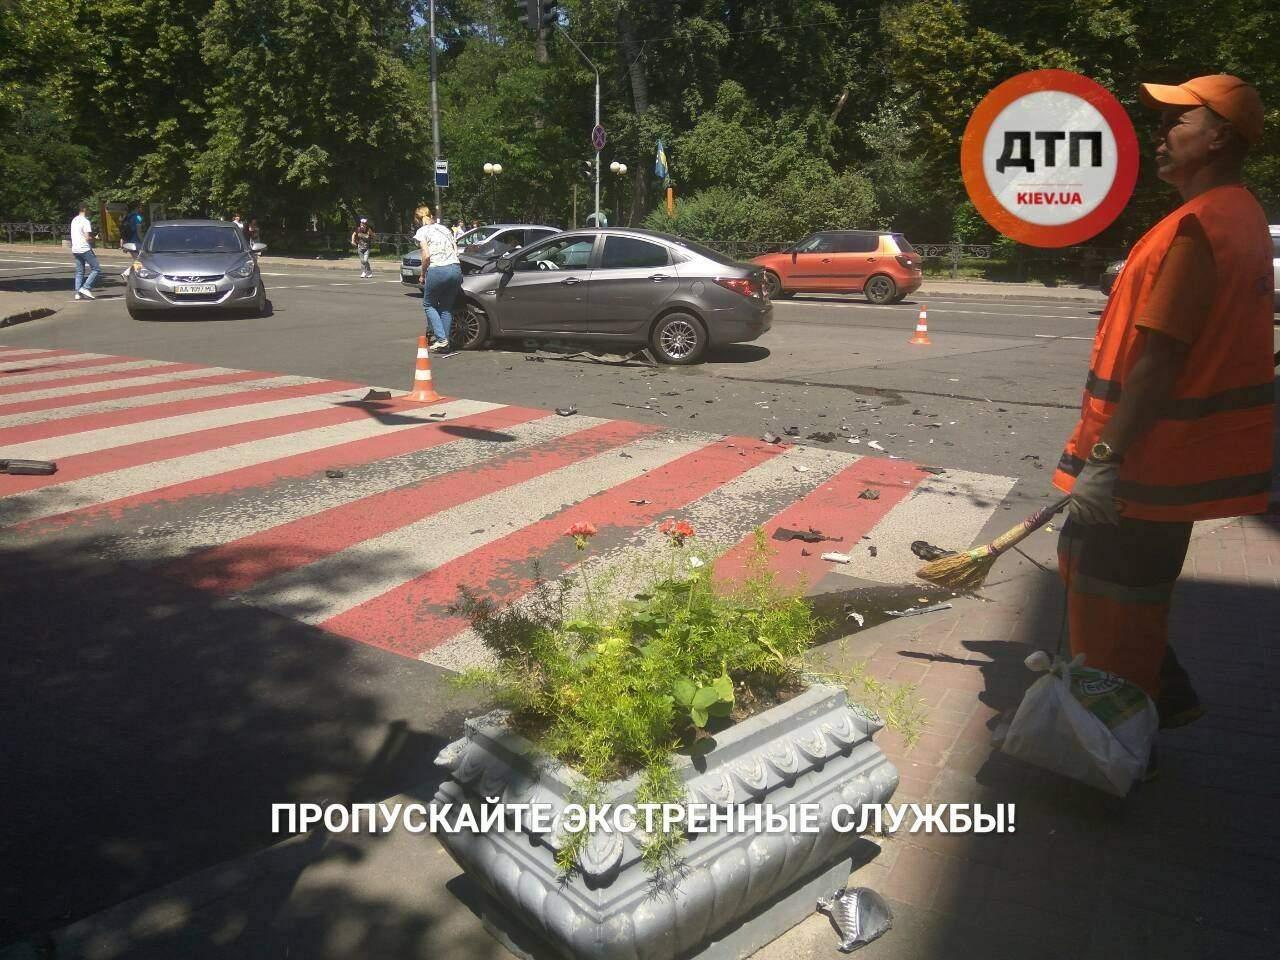 В центре Киева столкнулись два автомобиля: два водителя находятся в шоковом состоянии (фото)